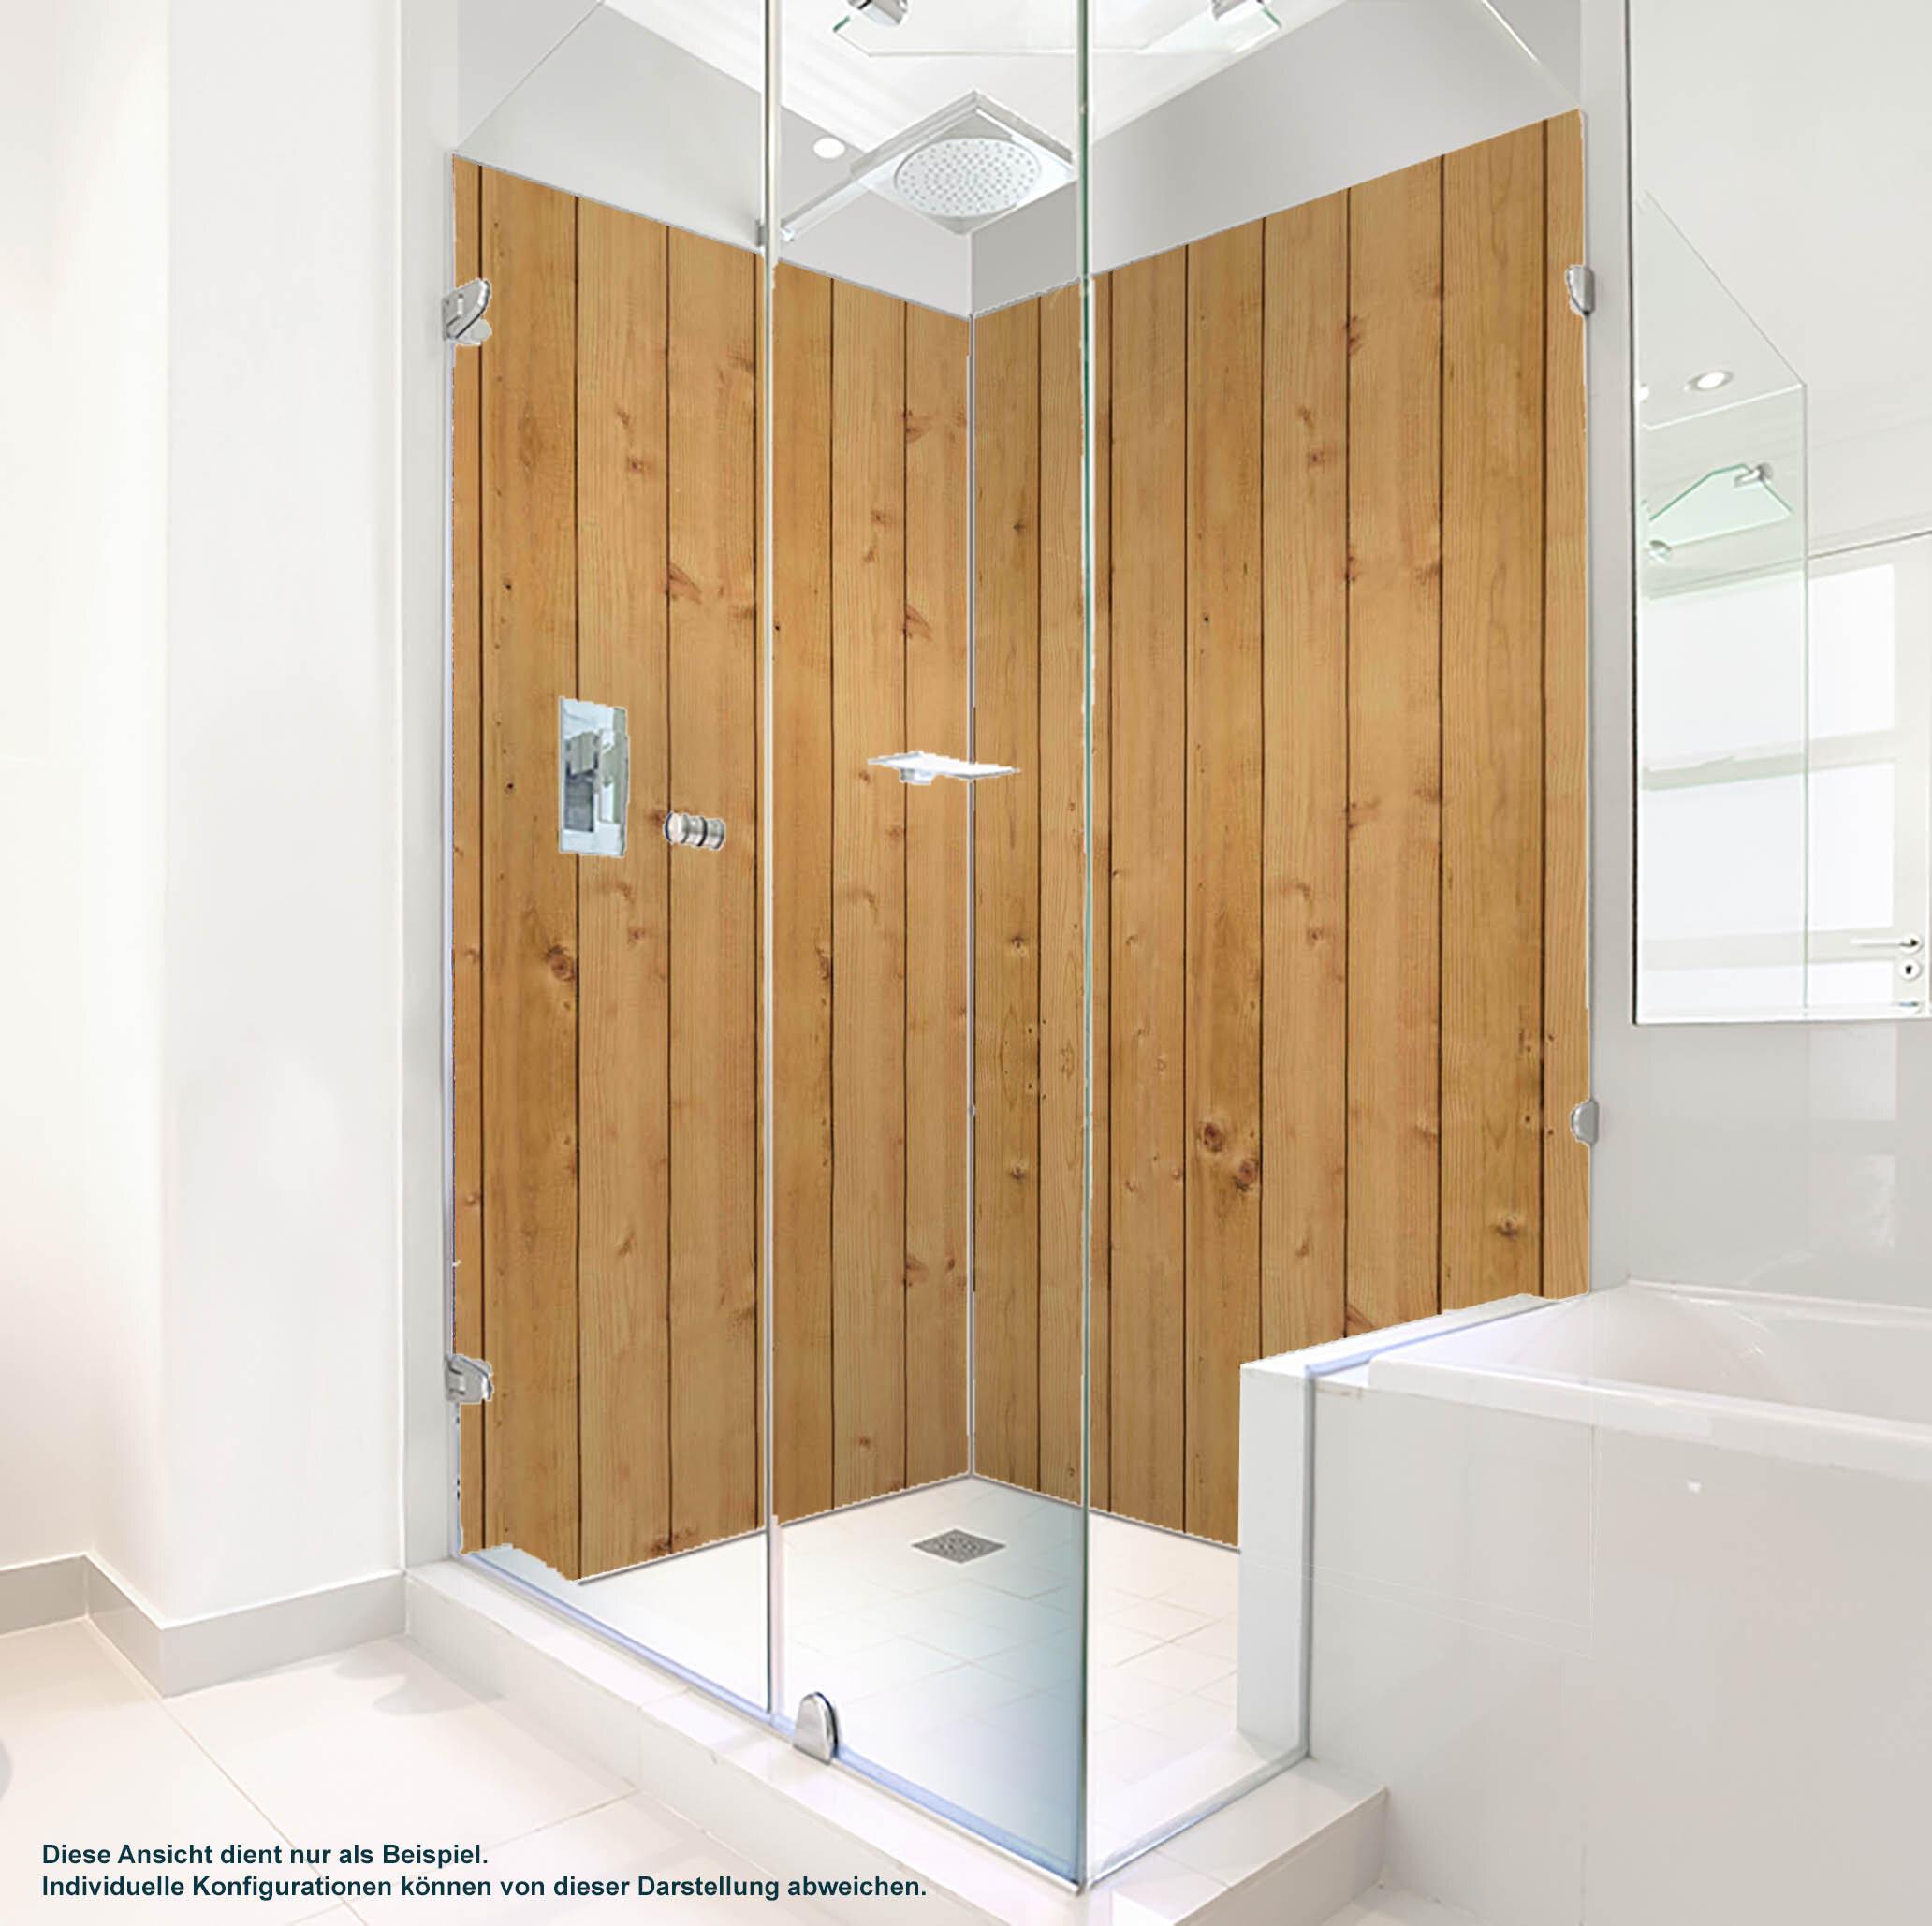 Dusche PlateART Duschrückwand mit Motiv Holz braune Bretter